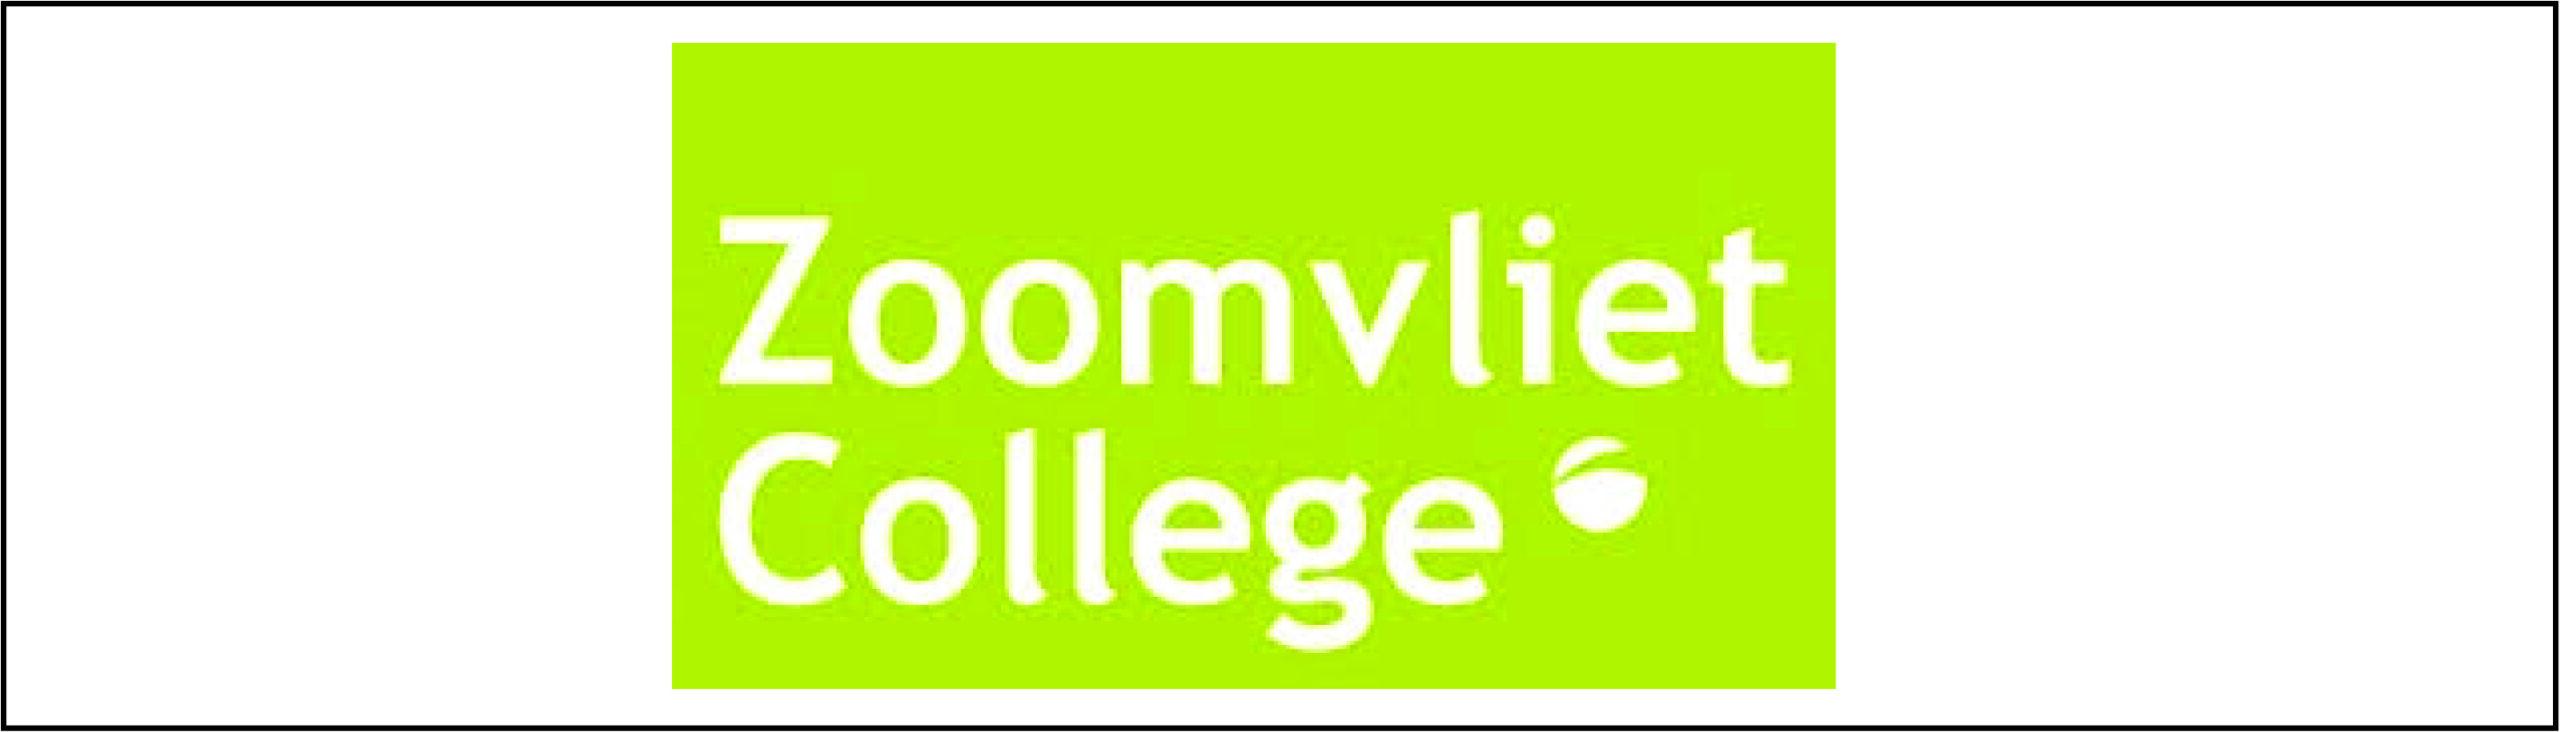 Zoomvliet college review PION horeca en Promotie